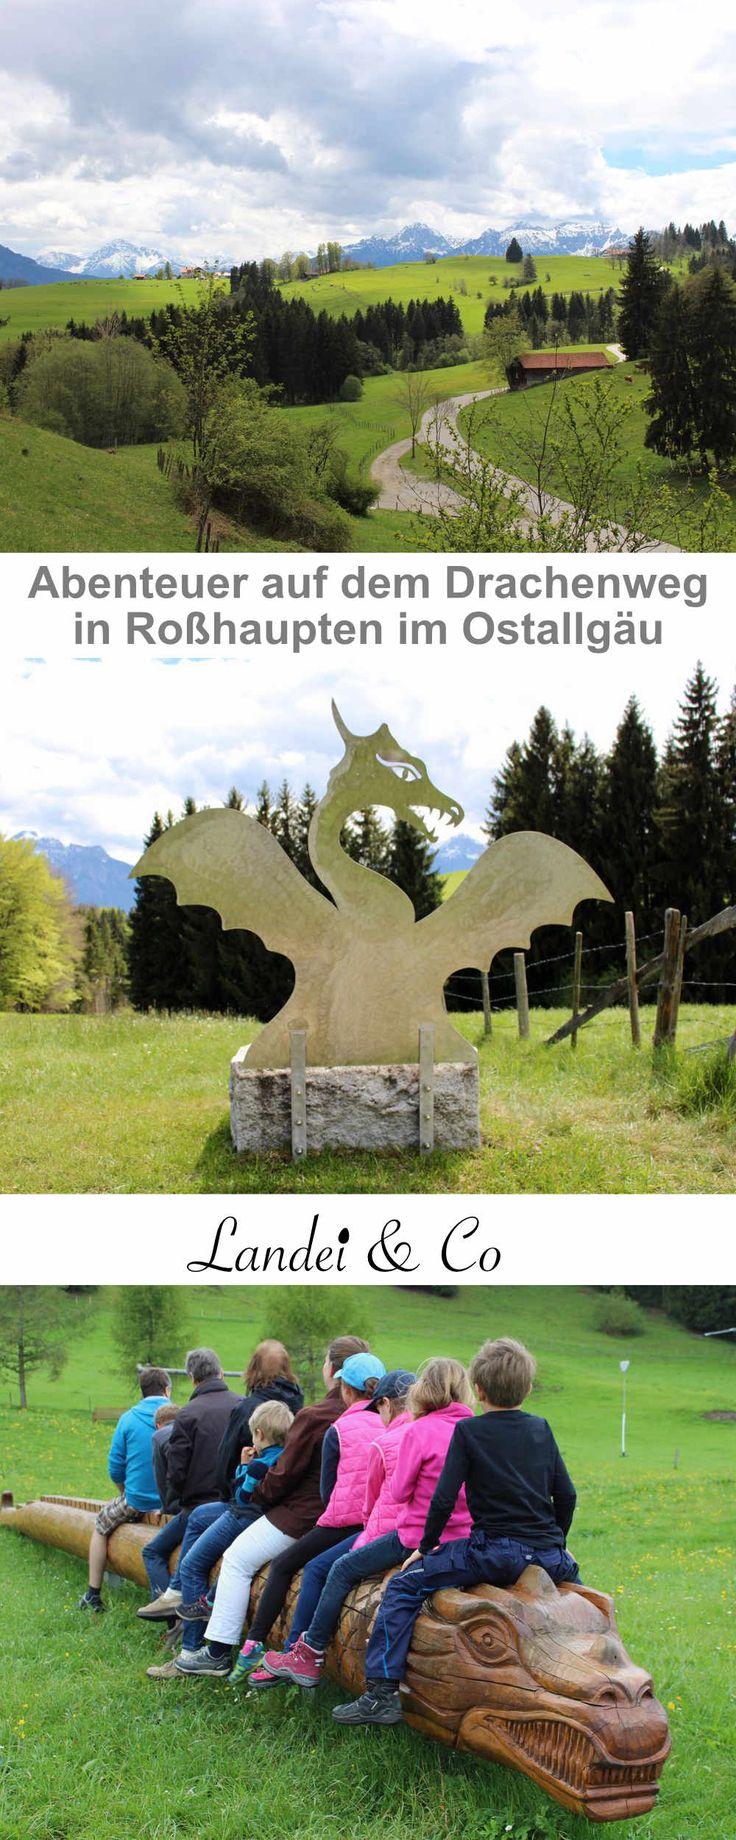 Tolle Wanderung mit Kindern im Ostallgäu, Drachenweg, Abenteuerspielplatz, traumhaftes Alpenpanorma und planschen im Teich inklusive